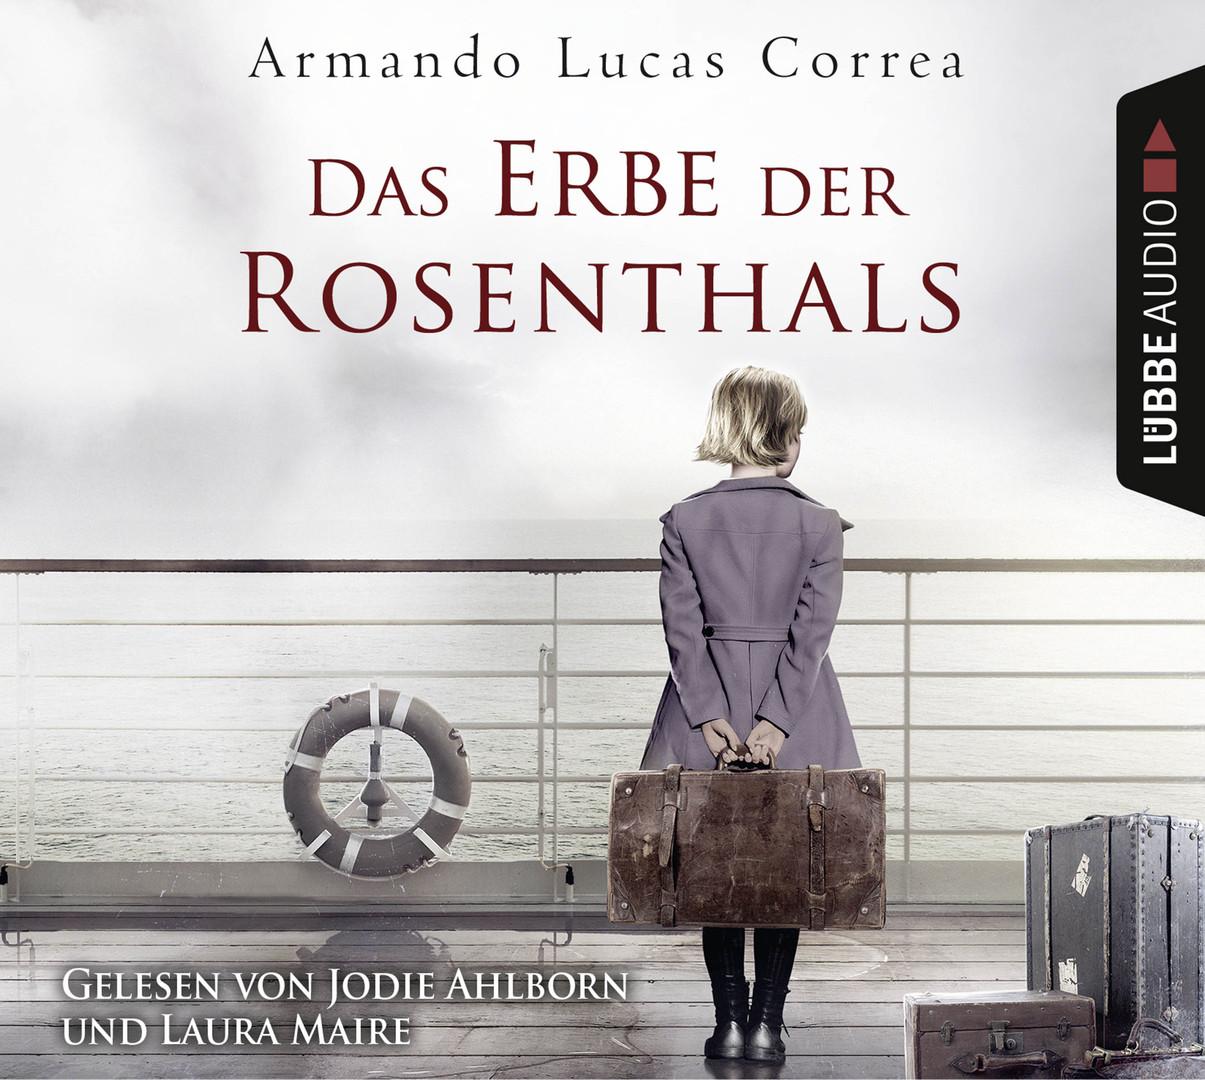 Armando Lucas Correa - Das Erbe der Rosenthals